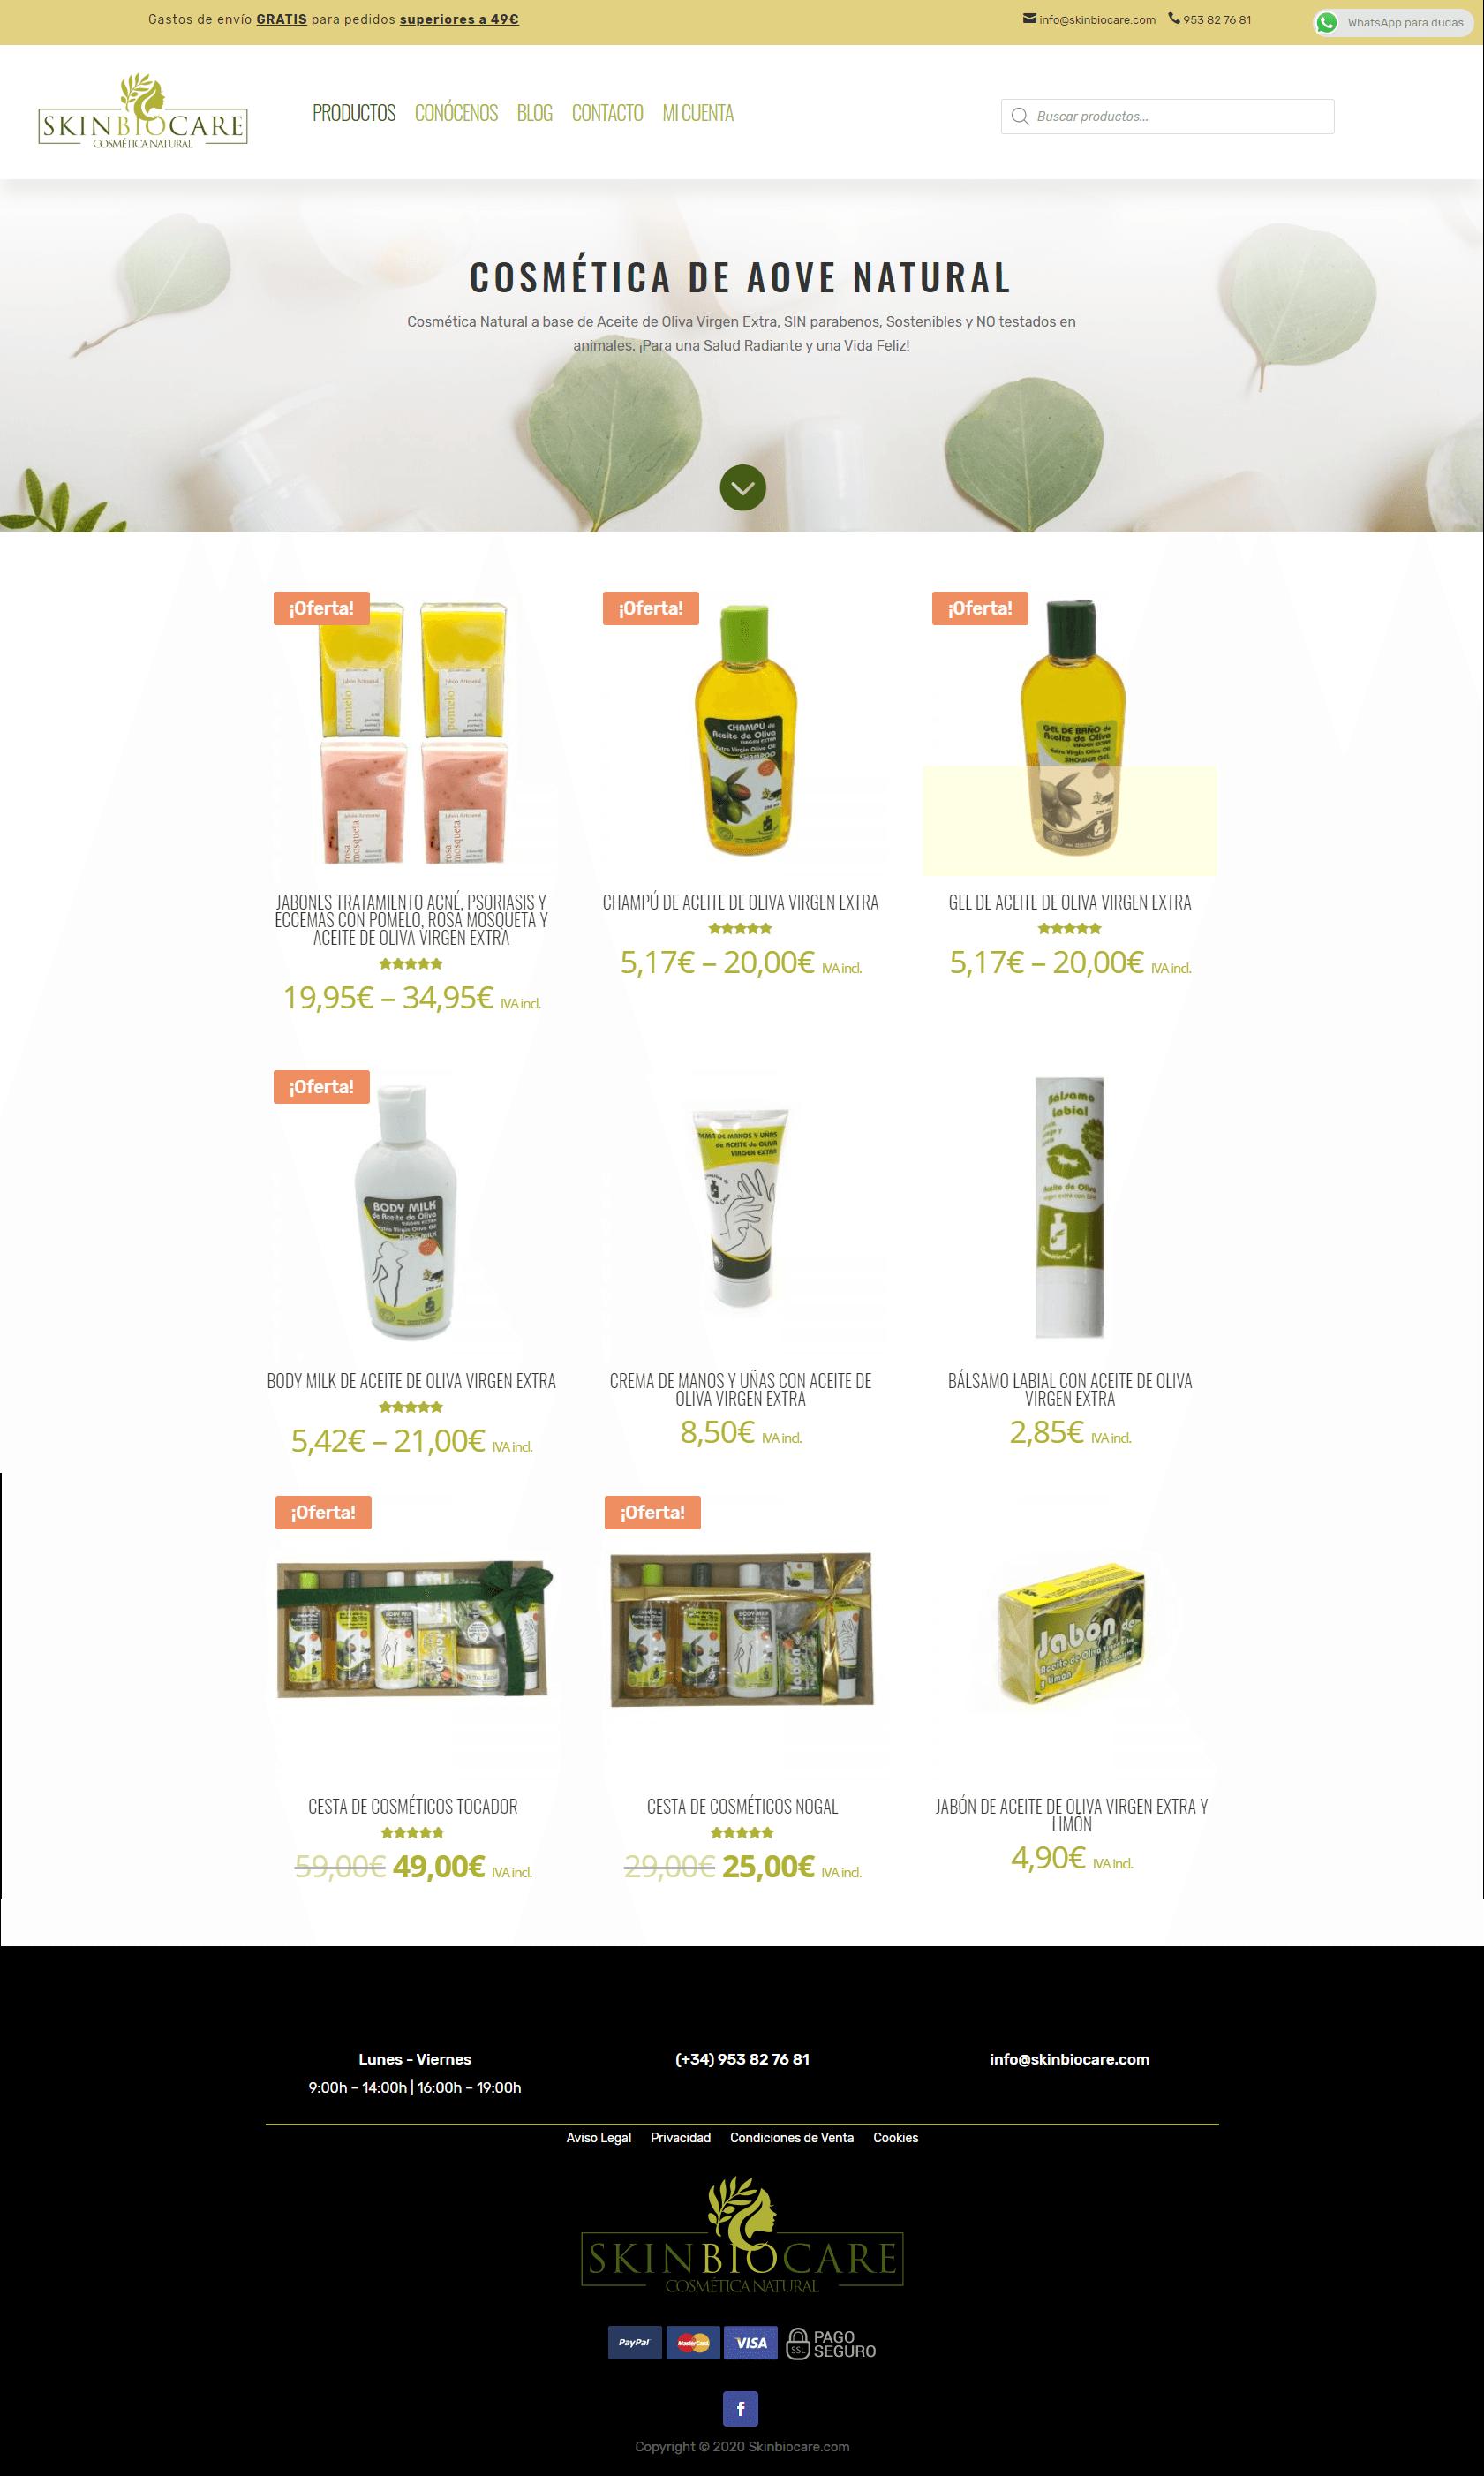 skinbiocare.com